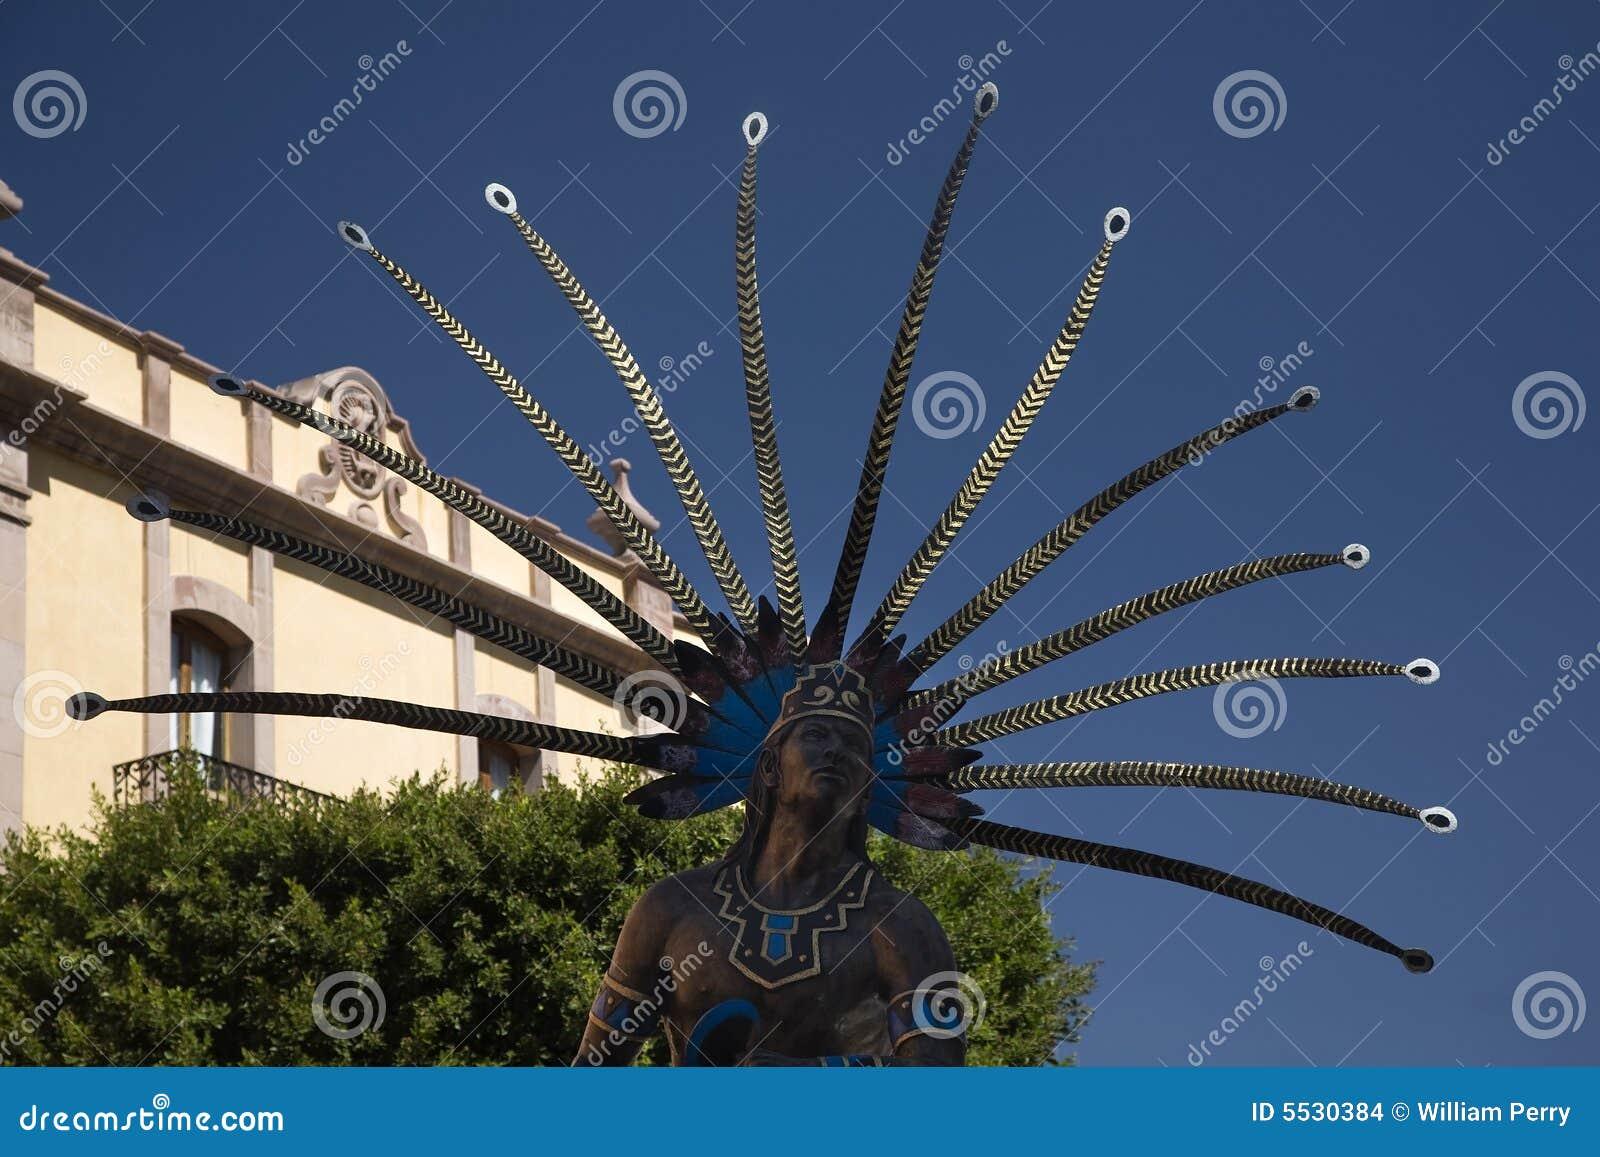 ινδικό του Μεξικού άγαλμα queretaro plaza δημόσιο